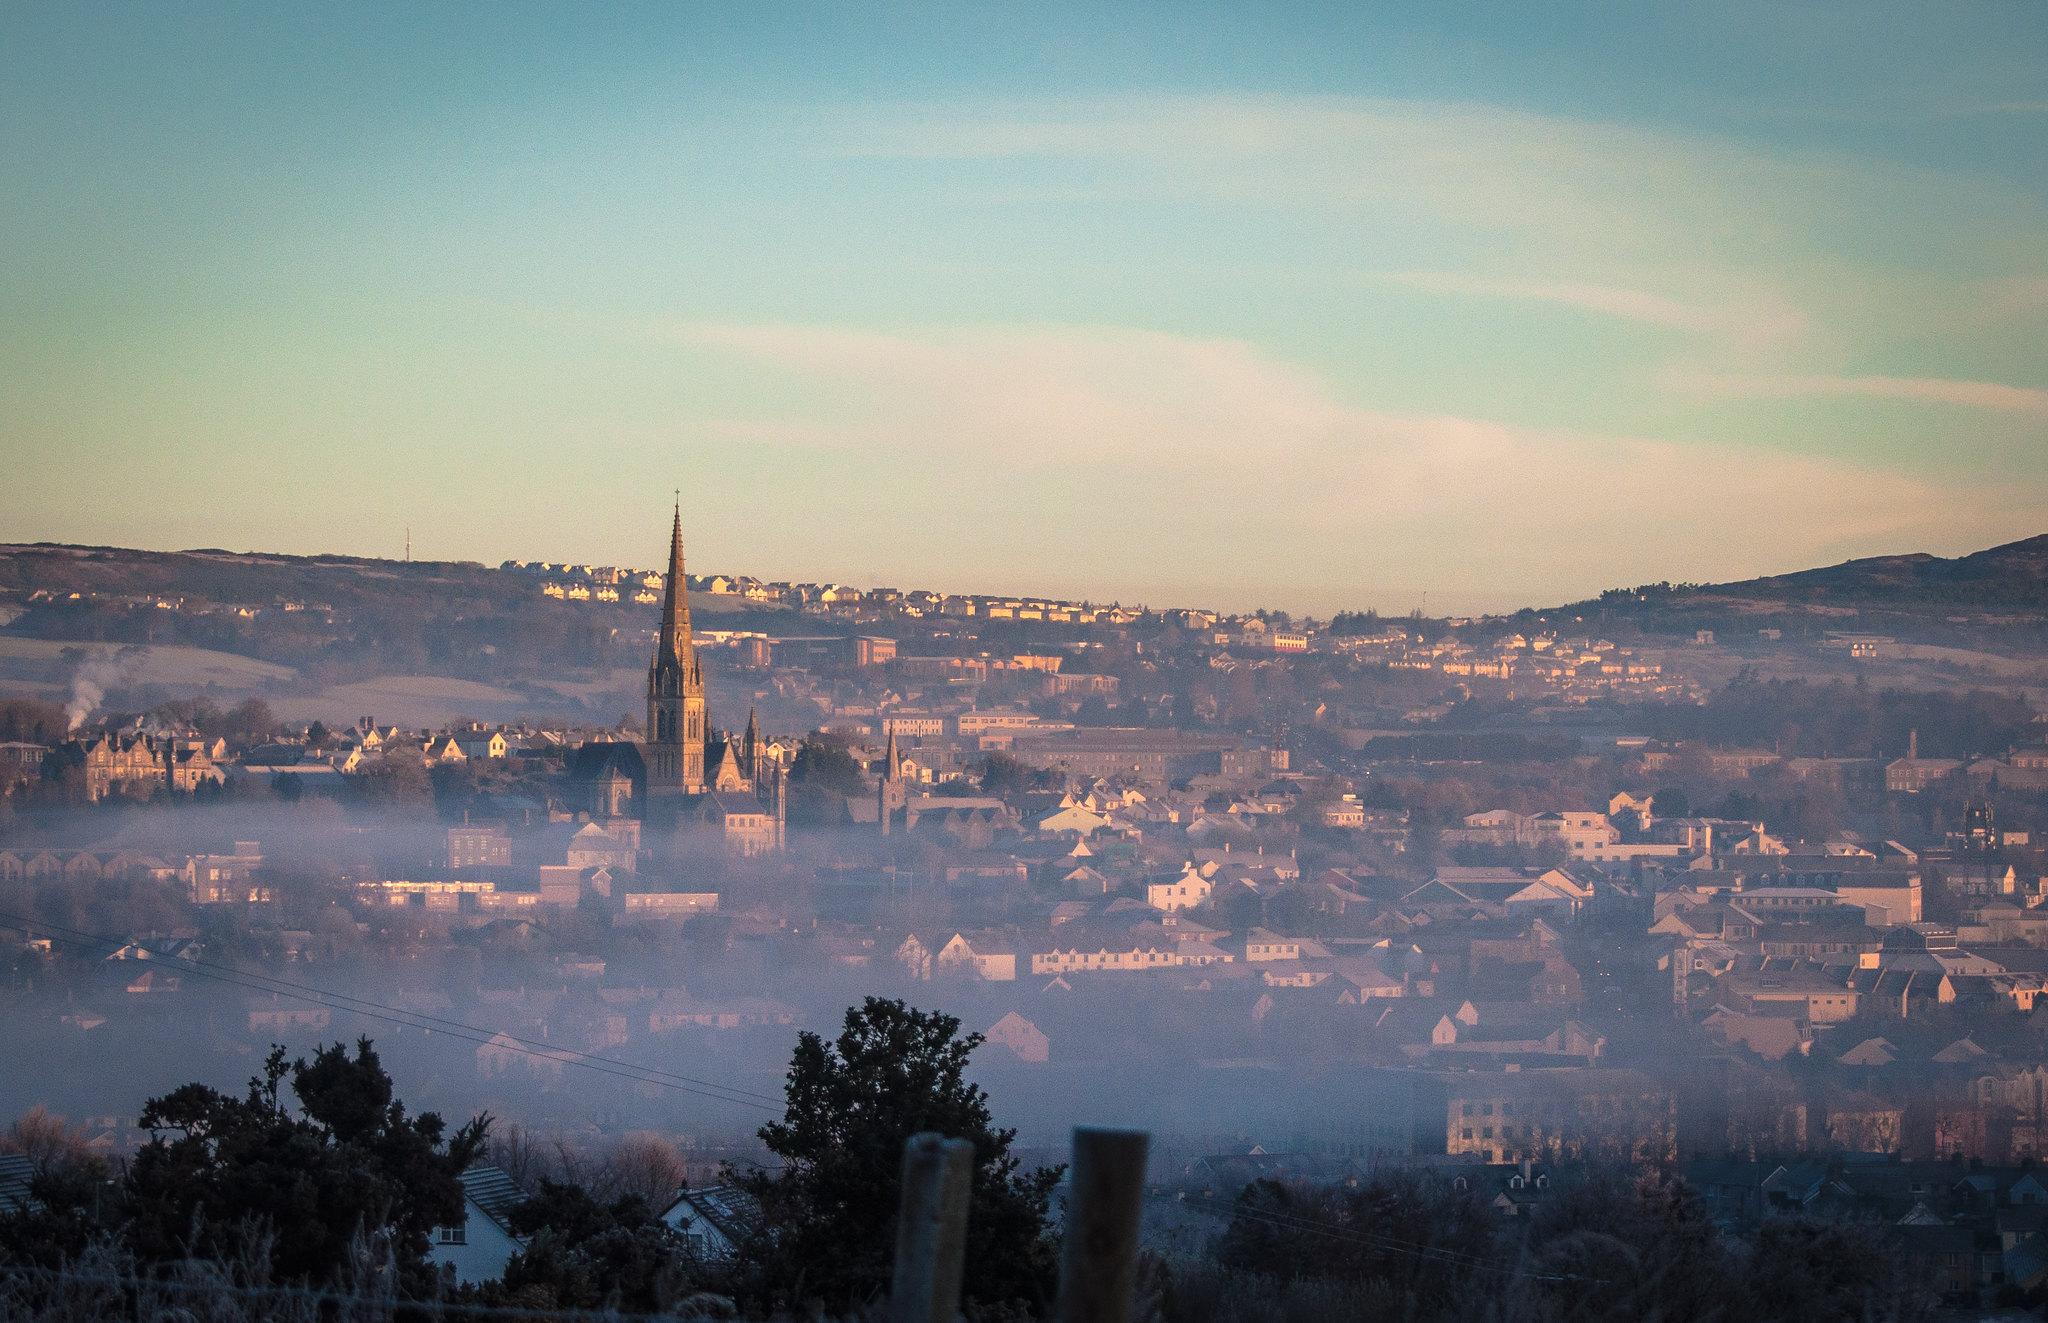 Frosty Morning in Letterkenny